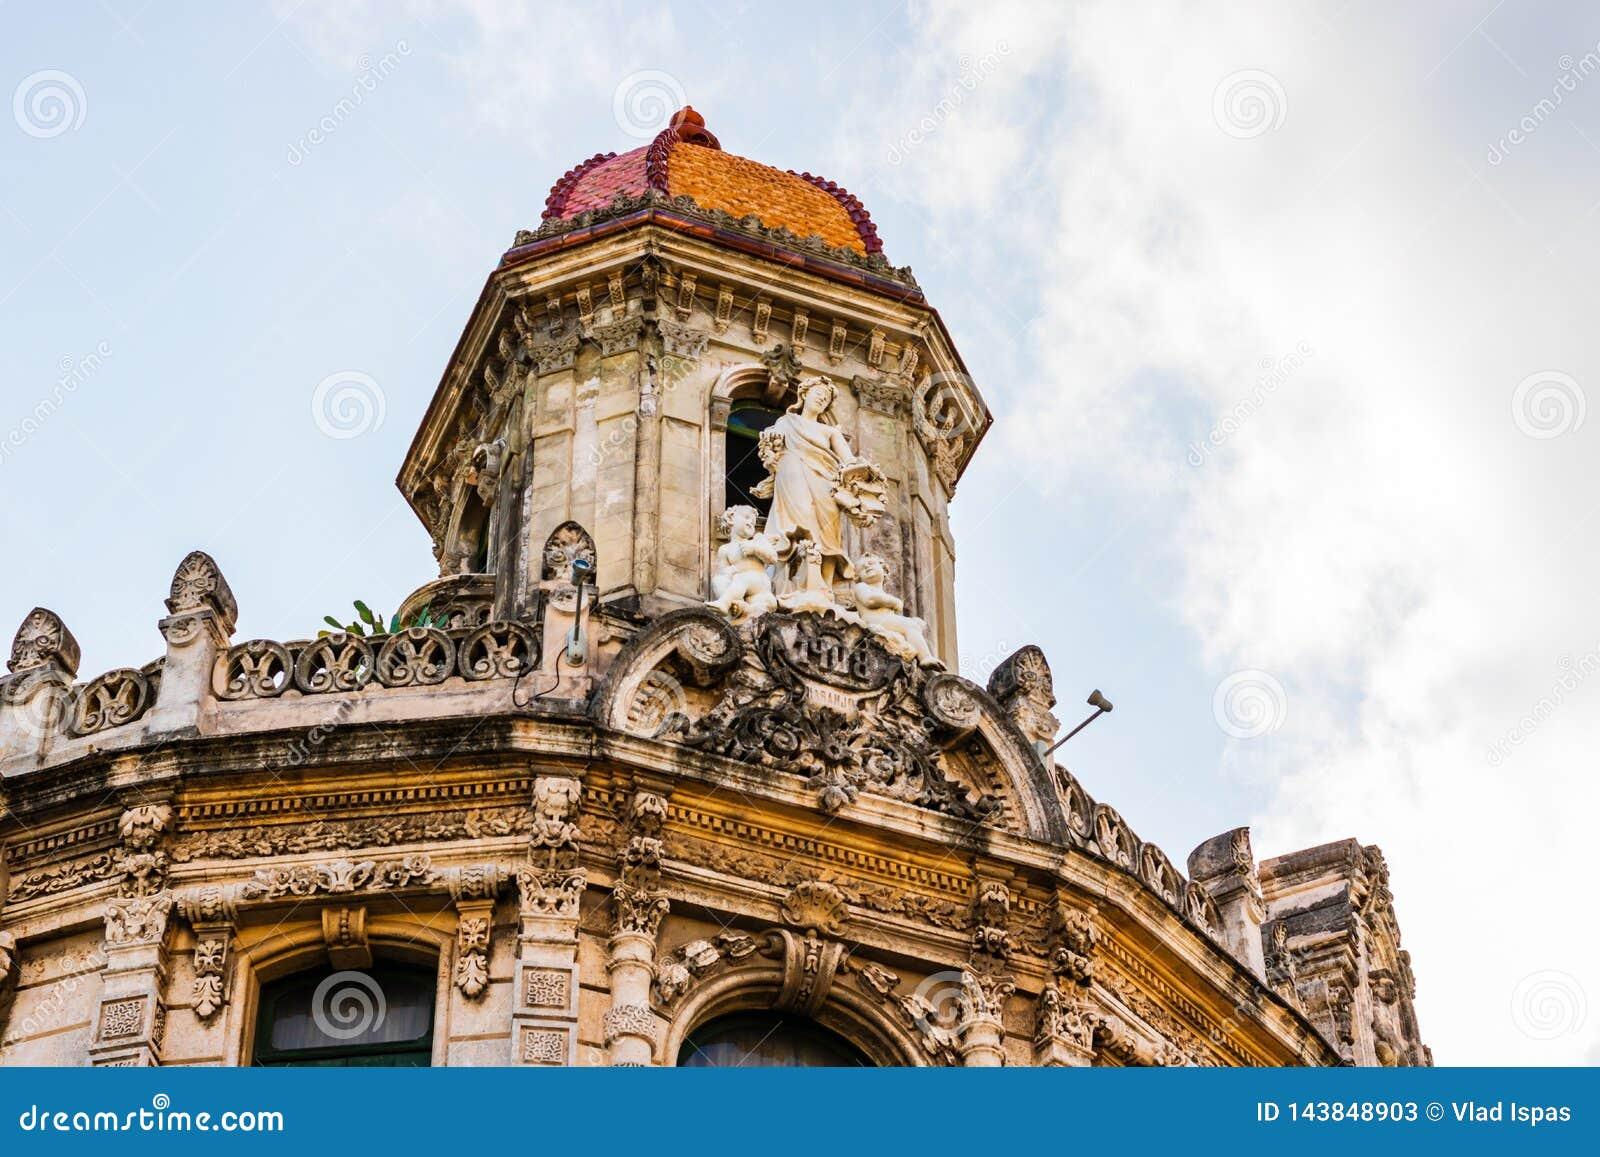 Facciata di vecchie costruzioni coloniali dal quadrato centrale a Avana, Cuba